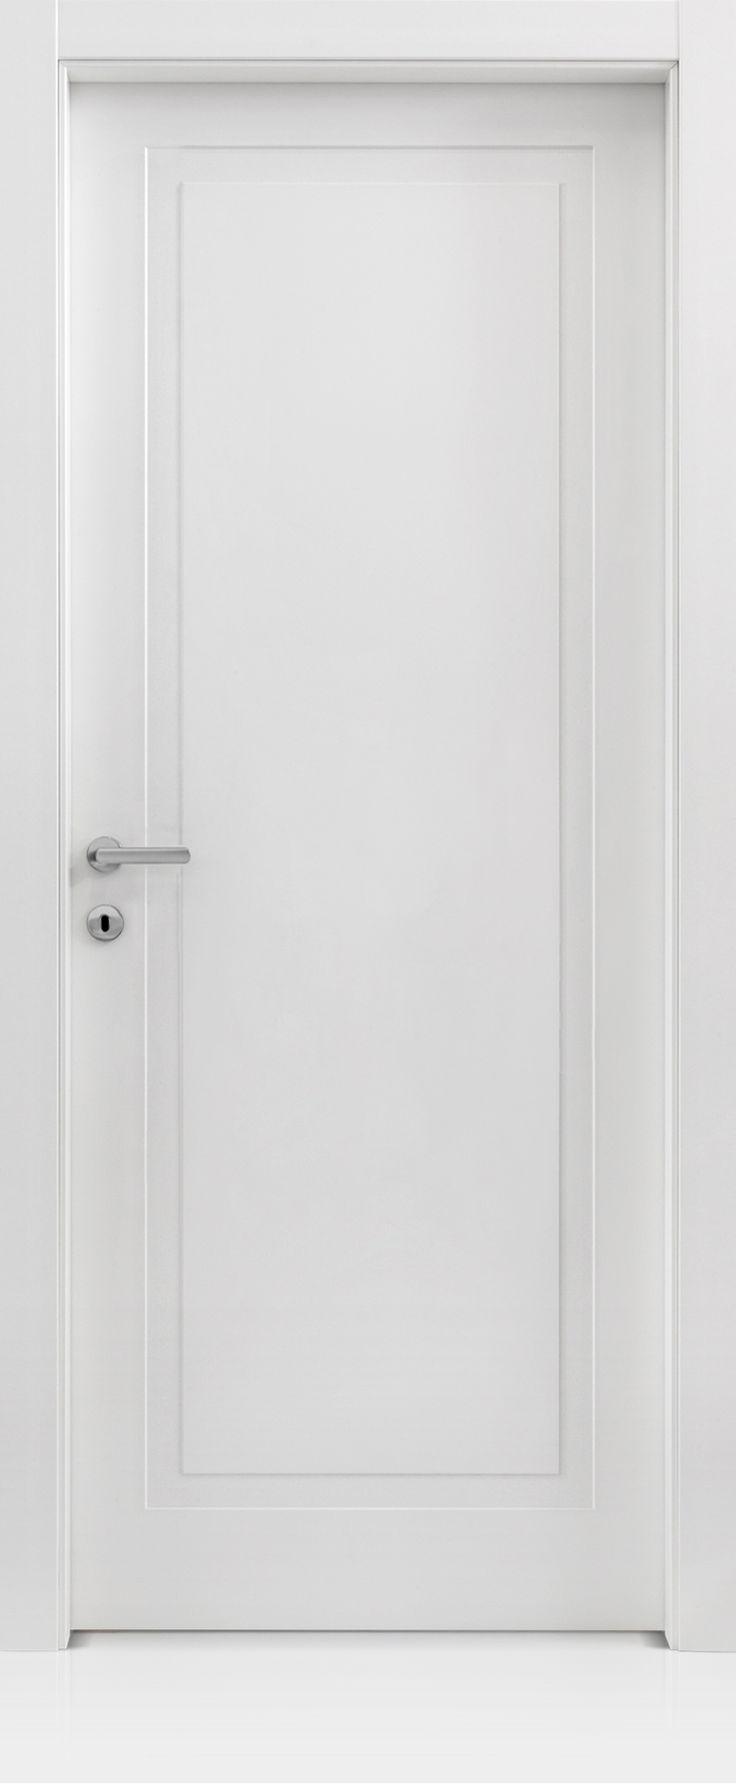 Oltre 25 fantastiche idee su porte bianche su pinterest - Idee porte interne ...